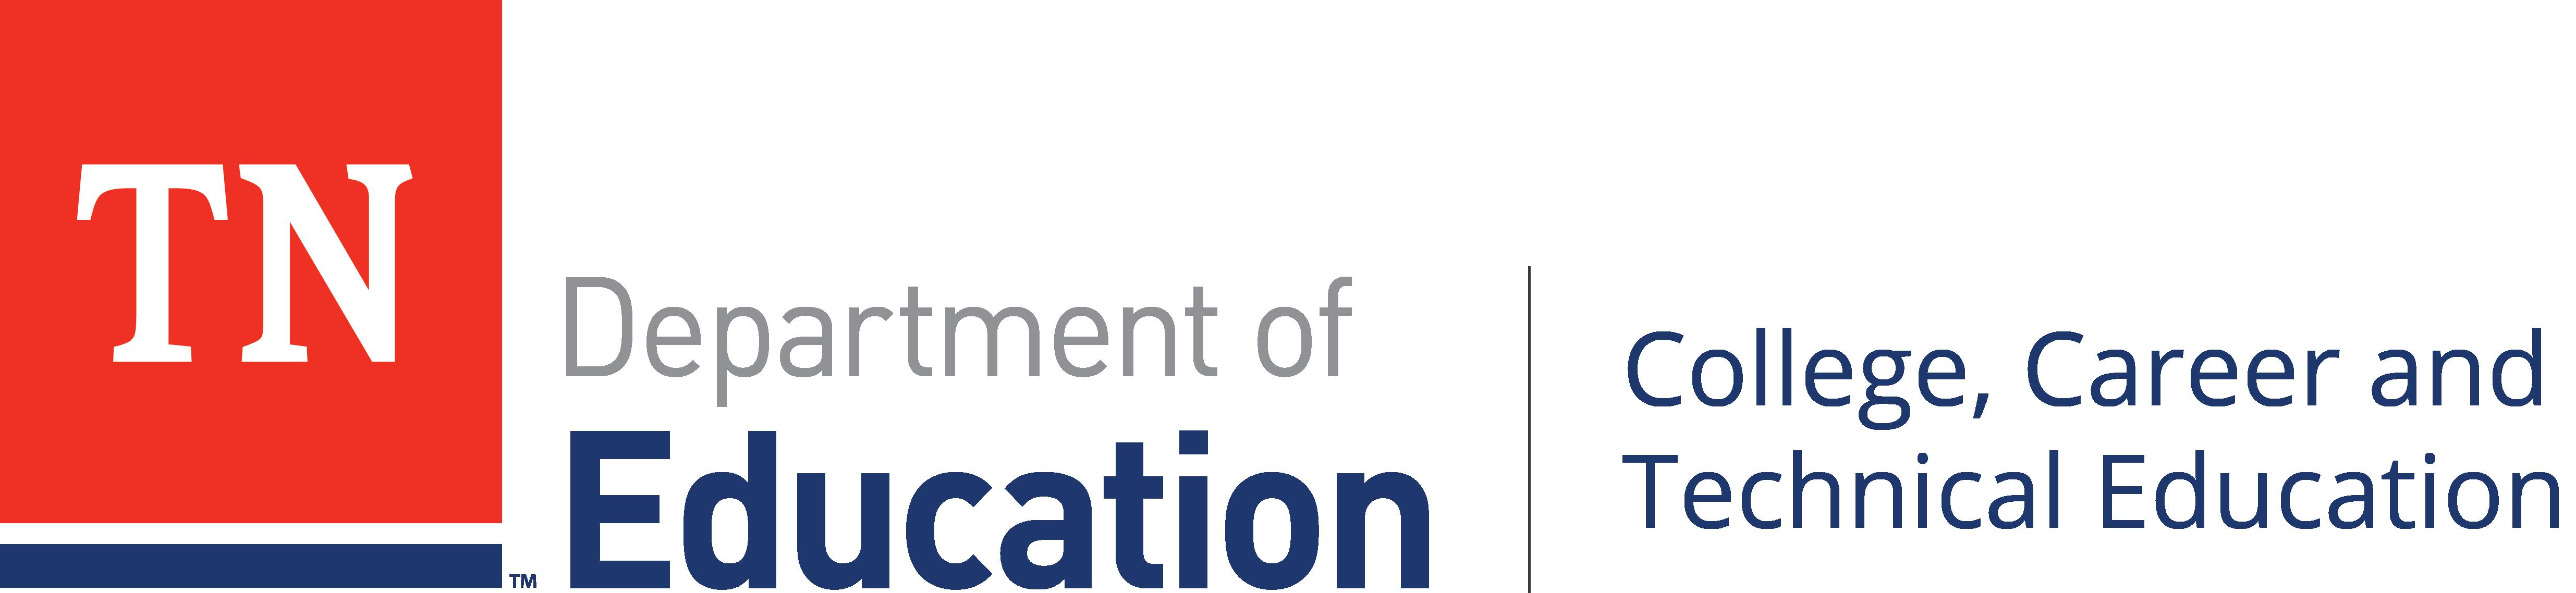 CCTE Division Color logo